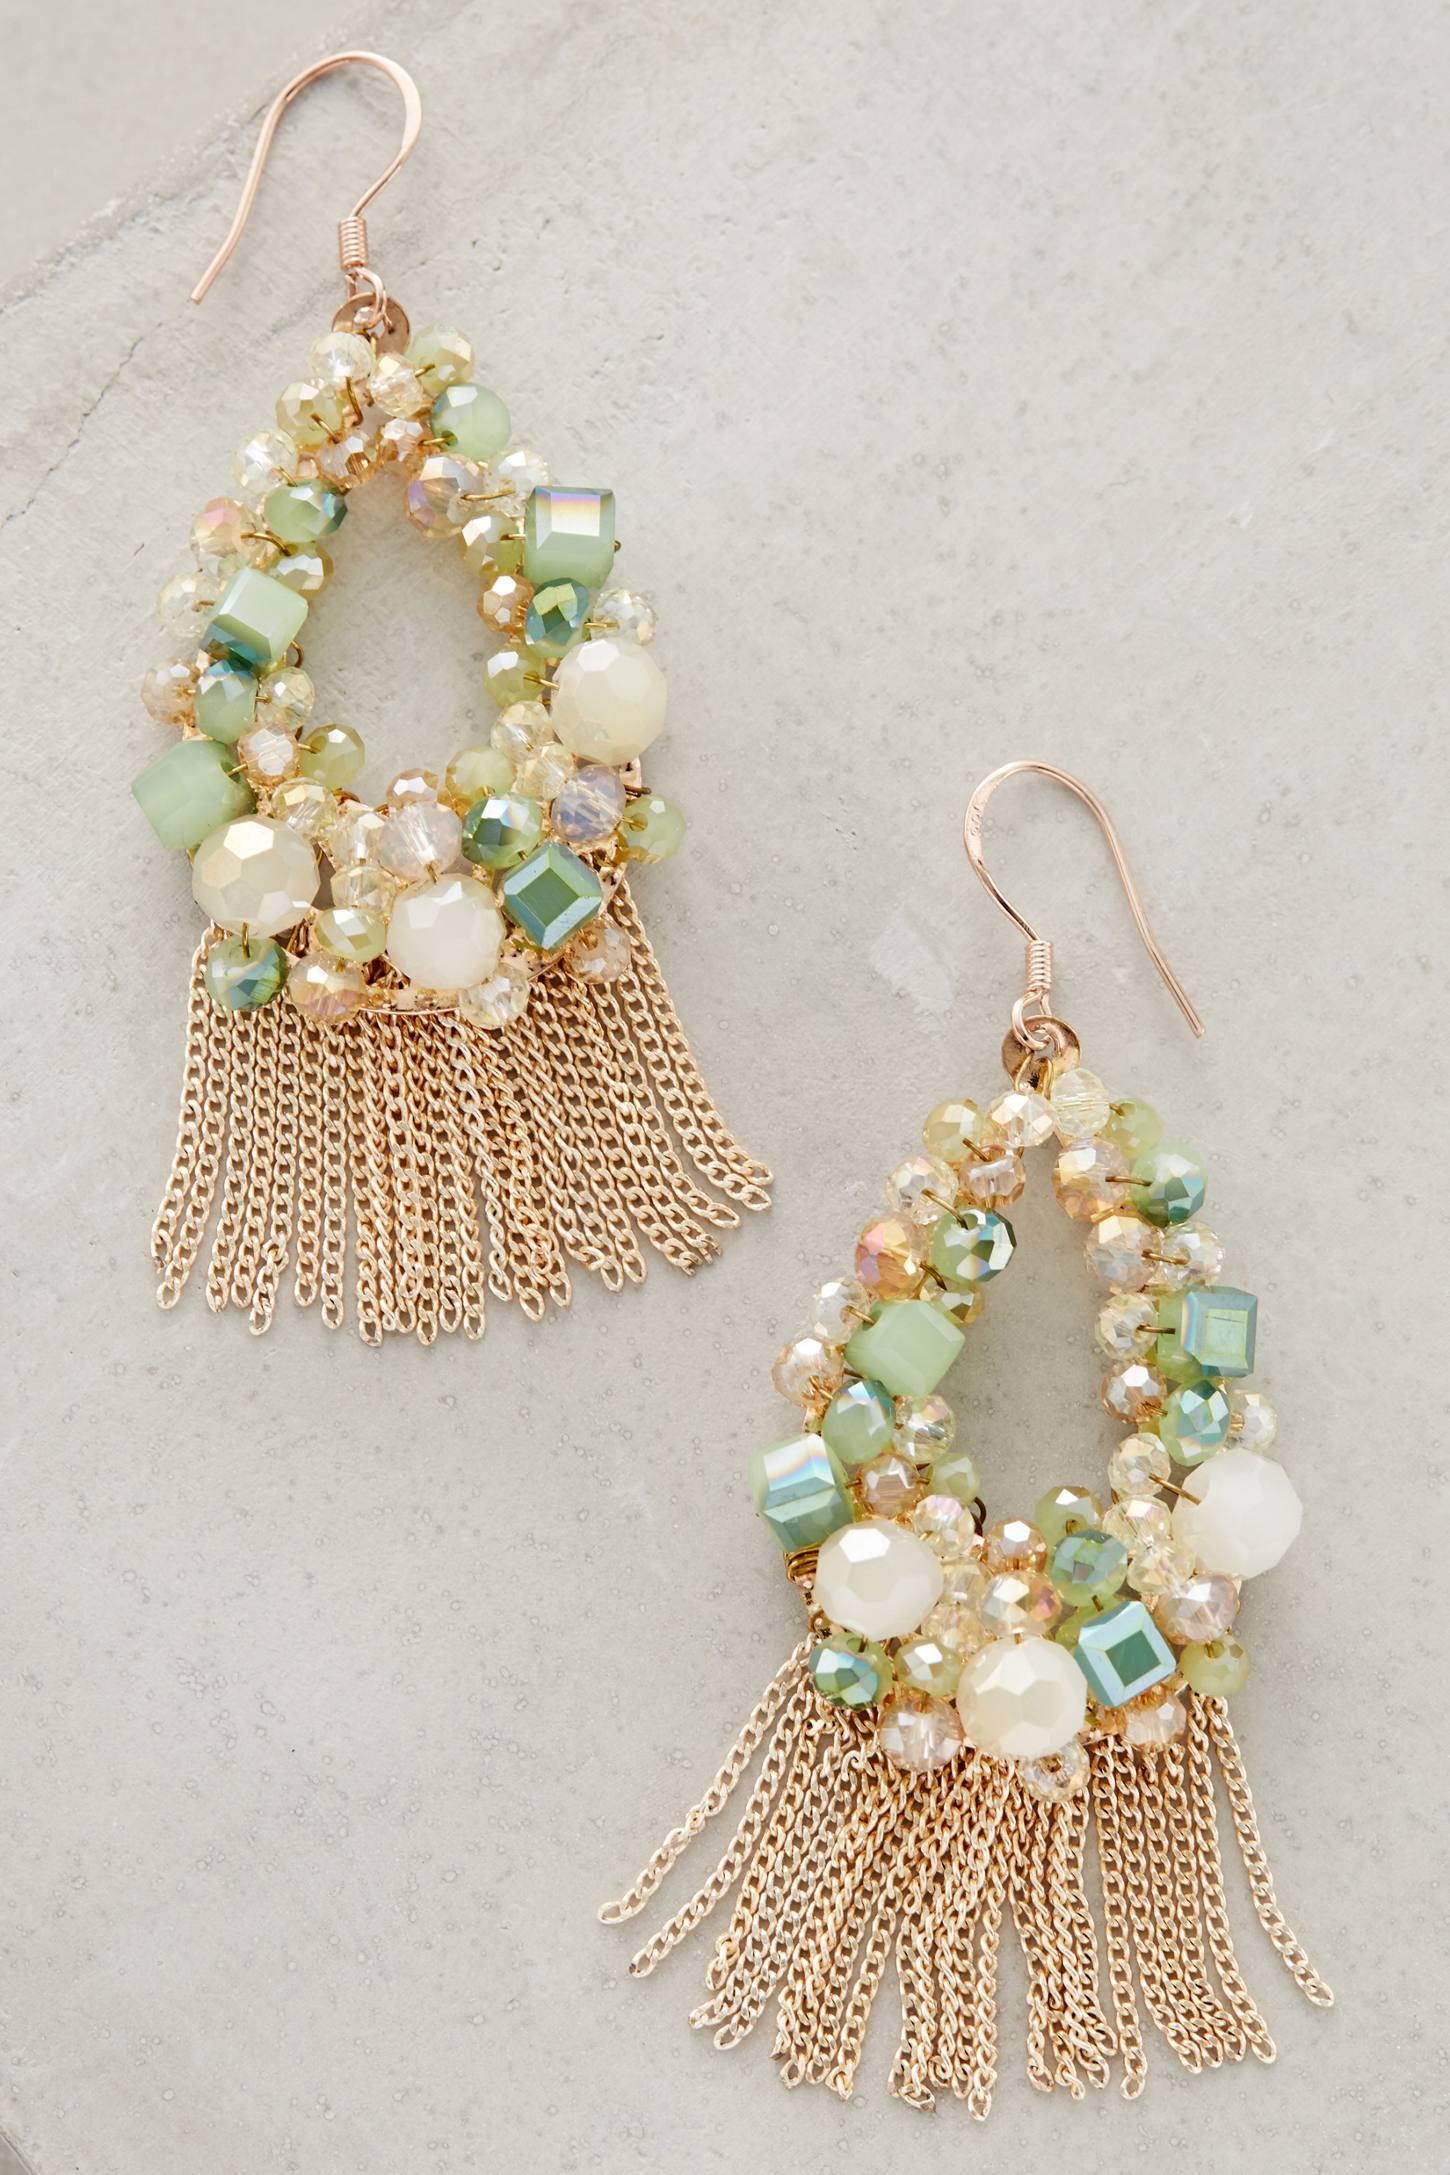 Mishky Fiori Wreath Earrings f59ATXVgc7